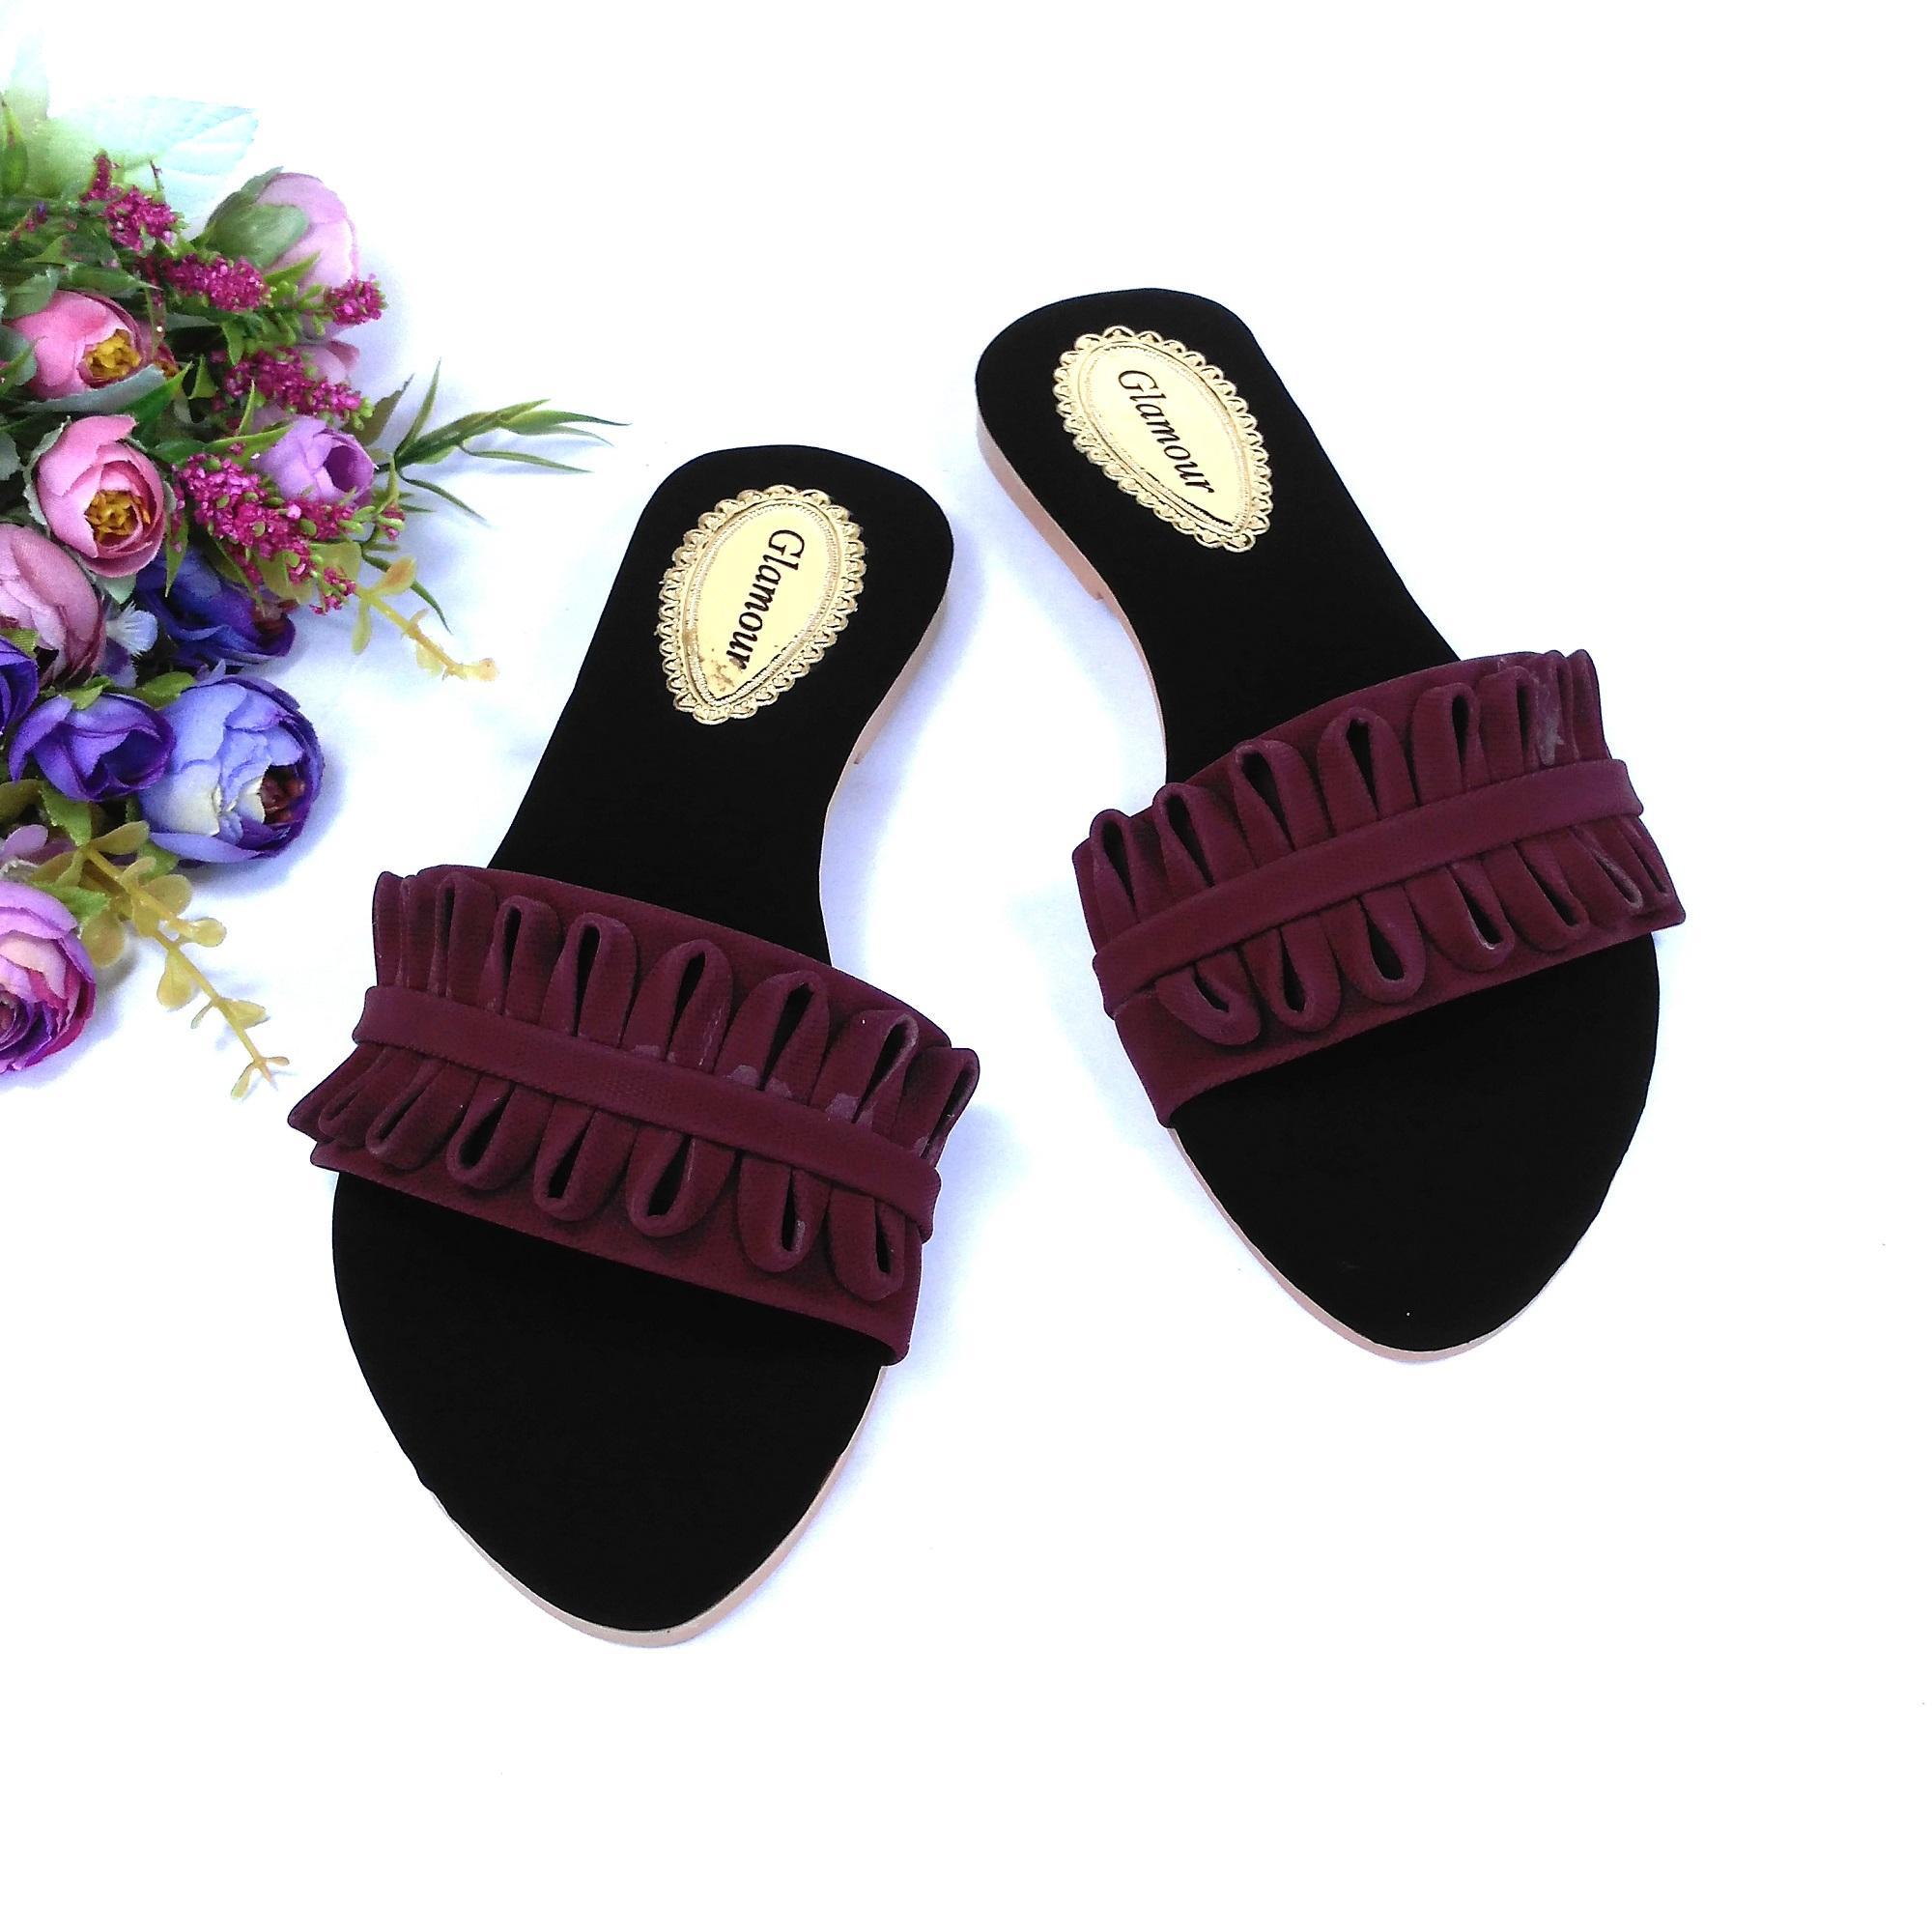 Jual Sepatu Sendal Wanita Murah Garansi Dan Berkualitas Id Store Dr Kevin Women Sandals 26133 Pink Merah Muda 37 Rp 46000